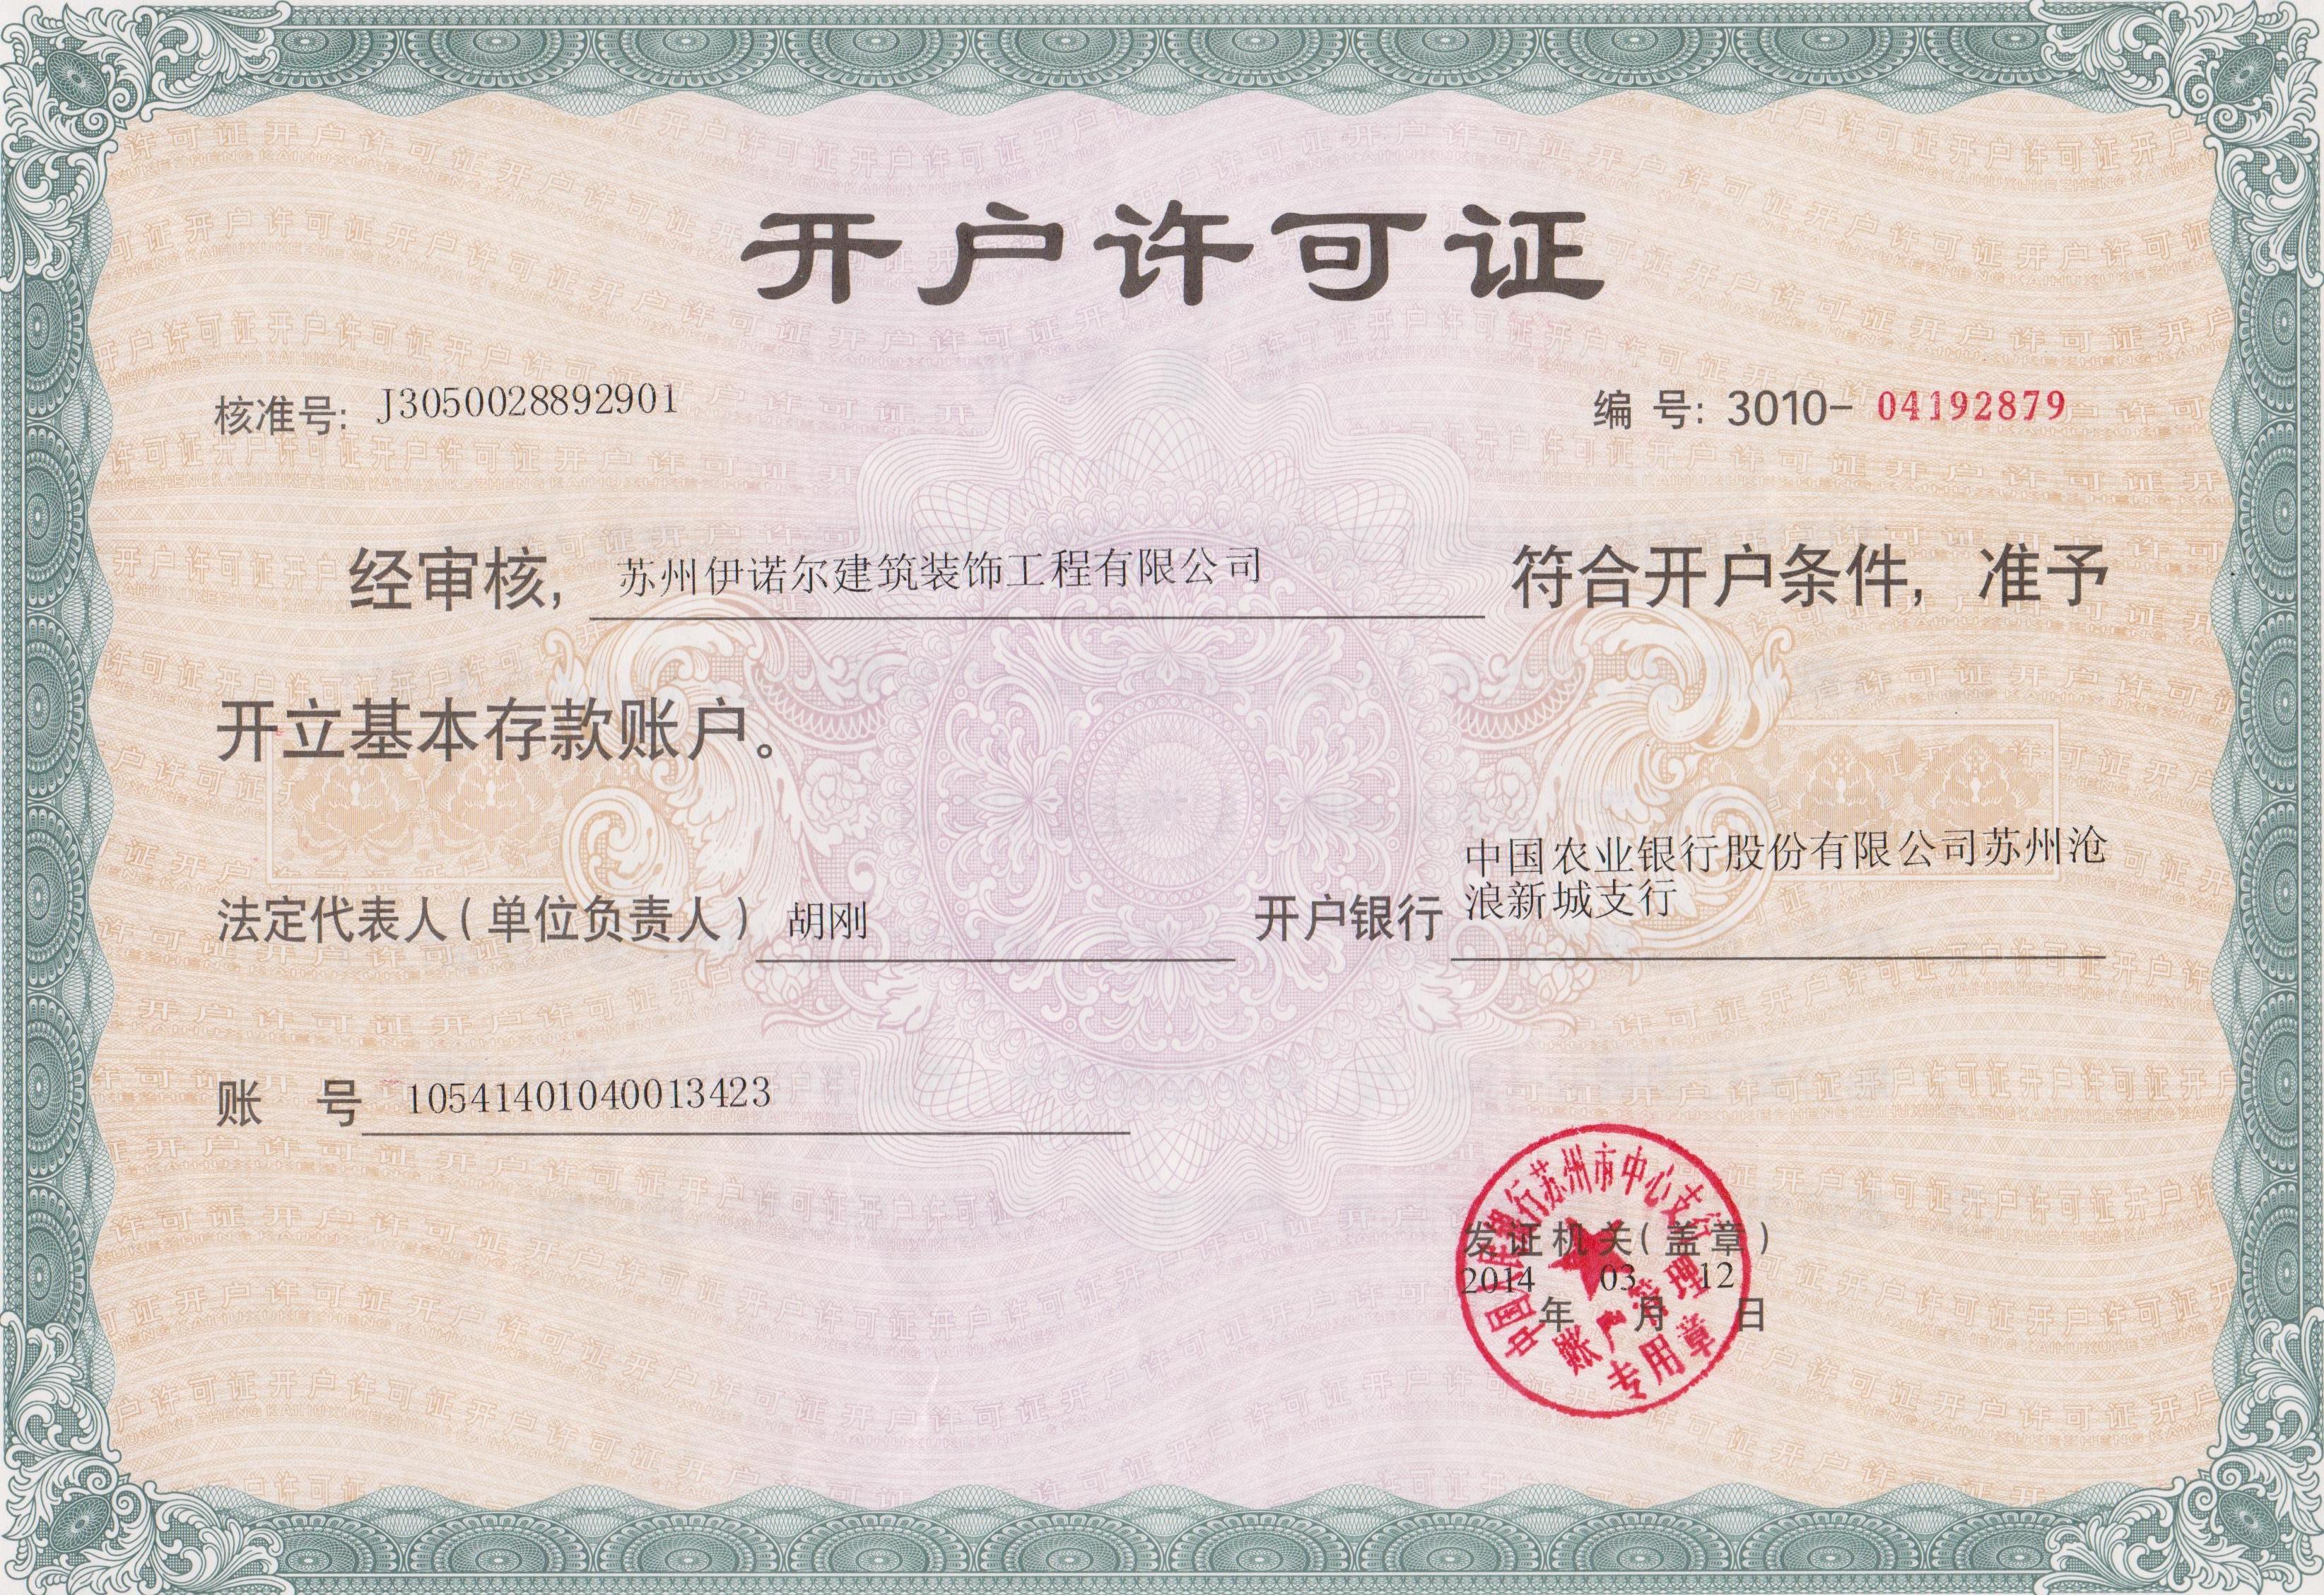 苏州拆除公司银行开户许可证